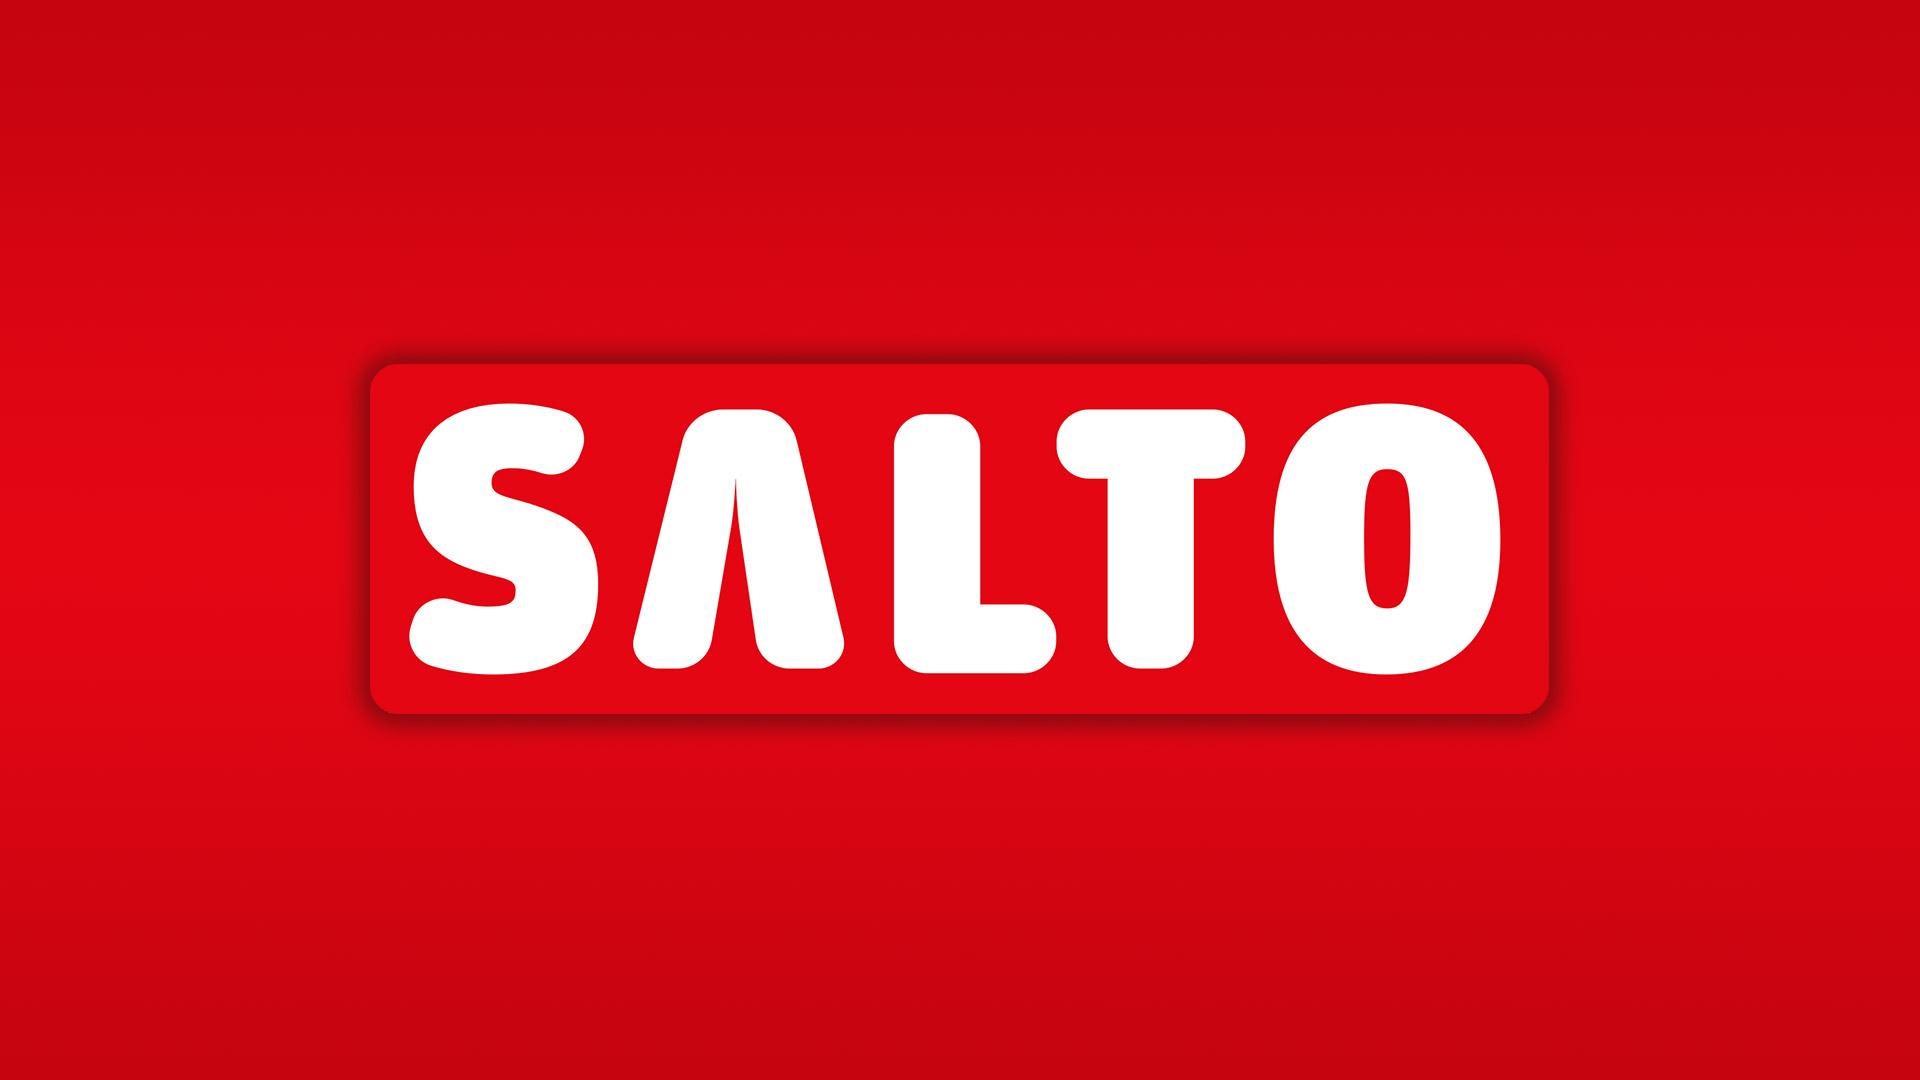 (c) Salto.nl